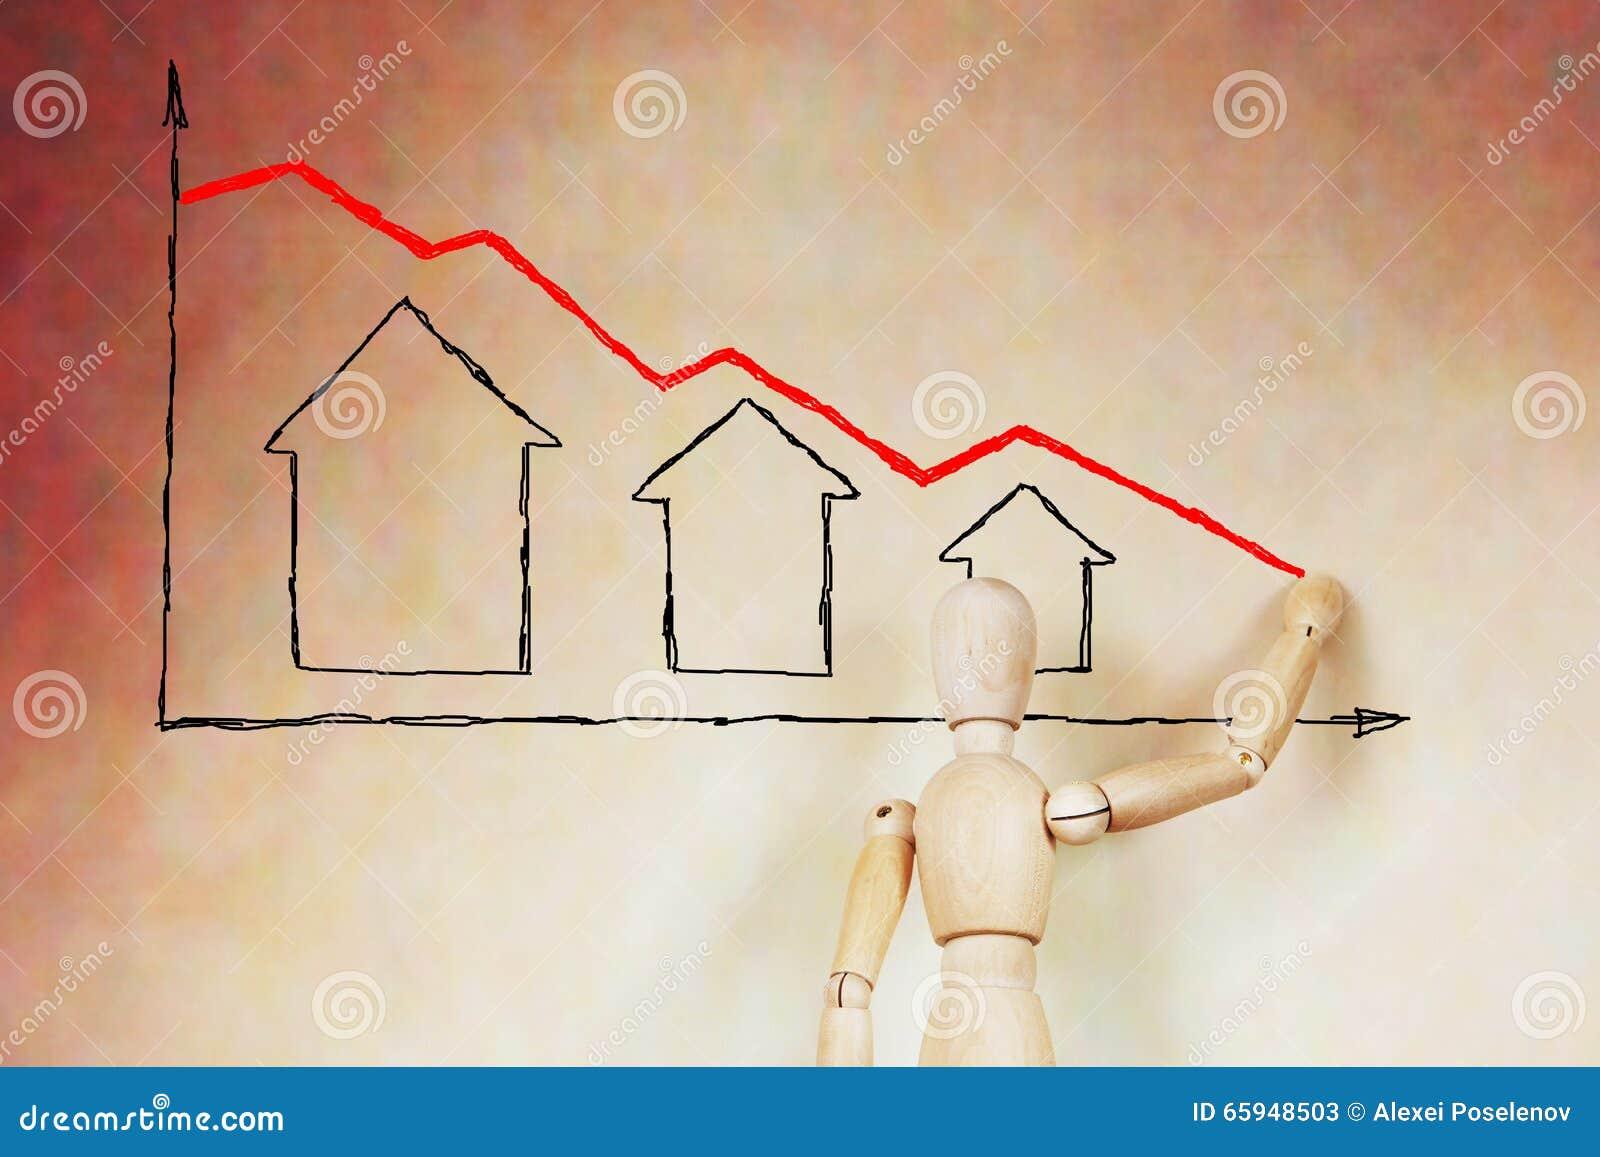 Tannenbaum Diagramm.Mann Zeichnet Das Diagramm Des Immobilienpreisverfalls Stockbild